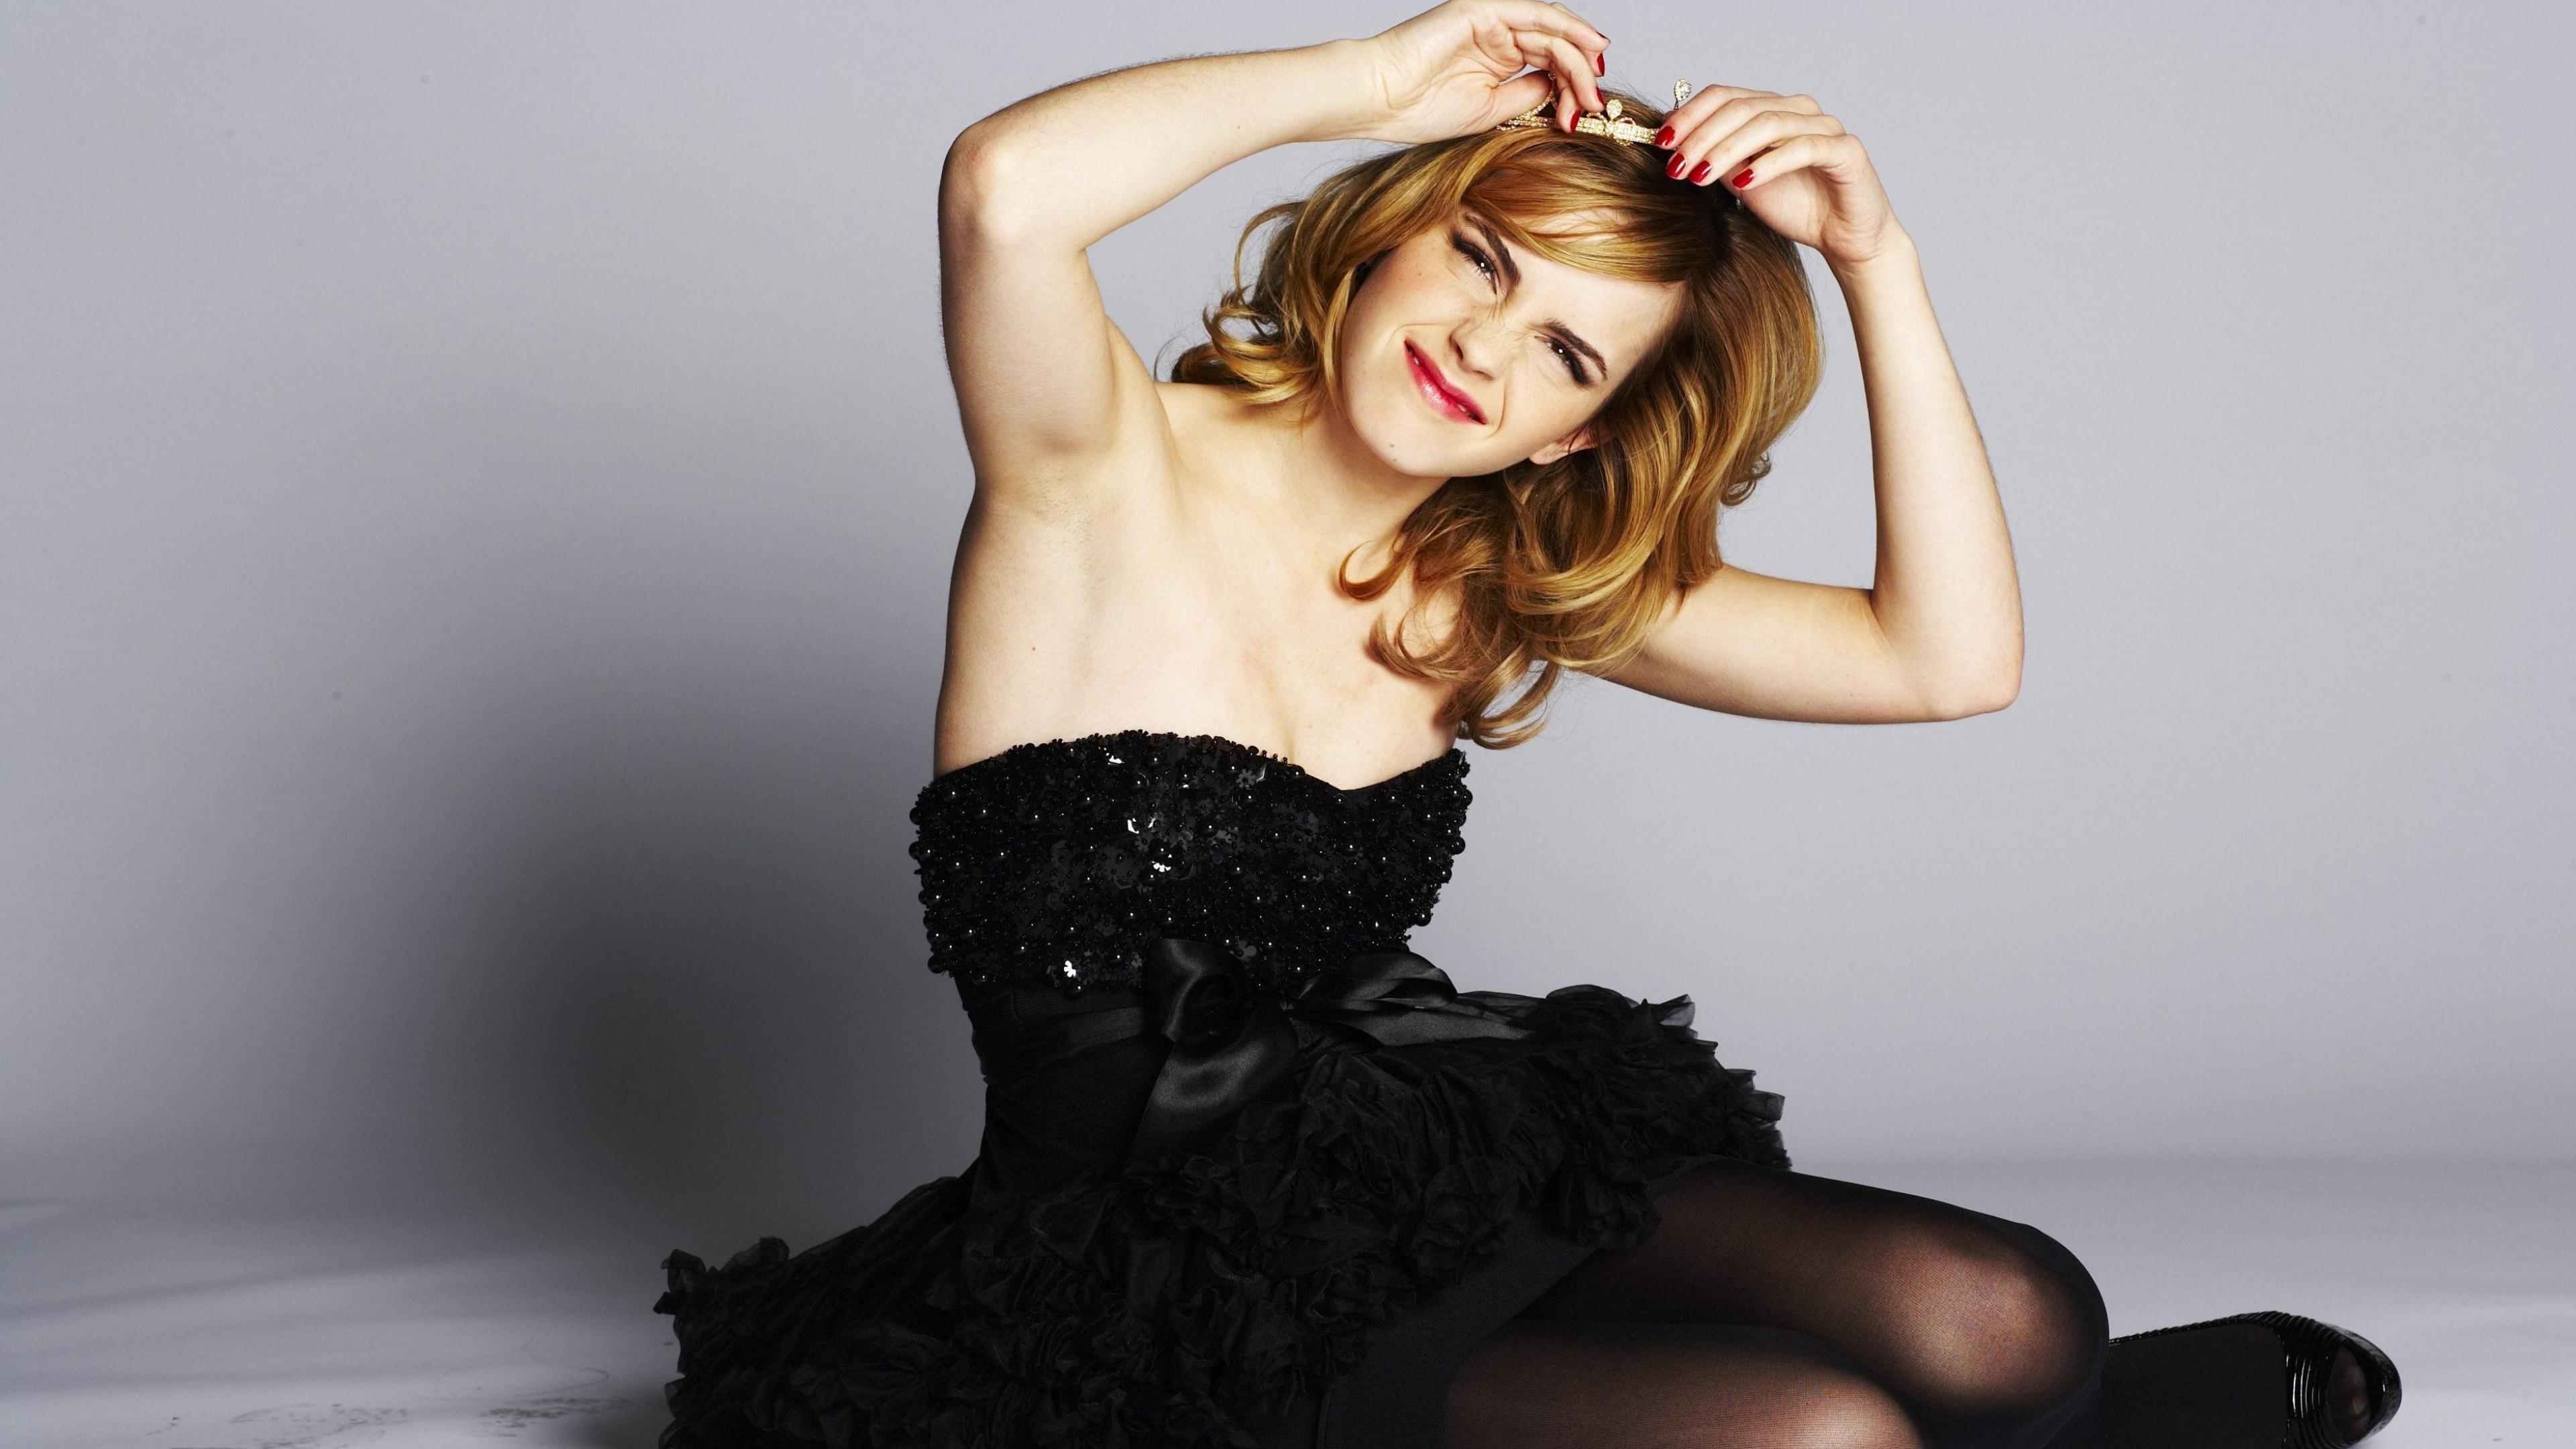 Рыжеволосая девушка с прищуренным взглядом в черном платье с открытым декольте